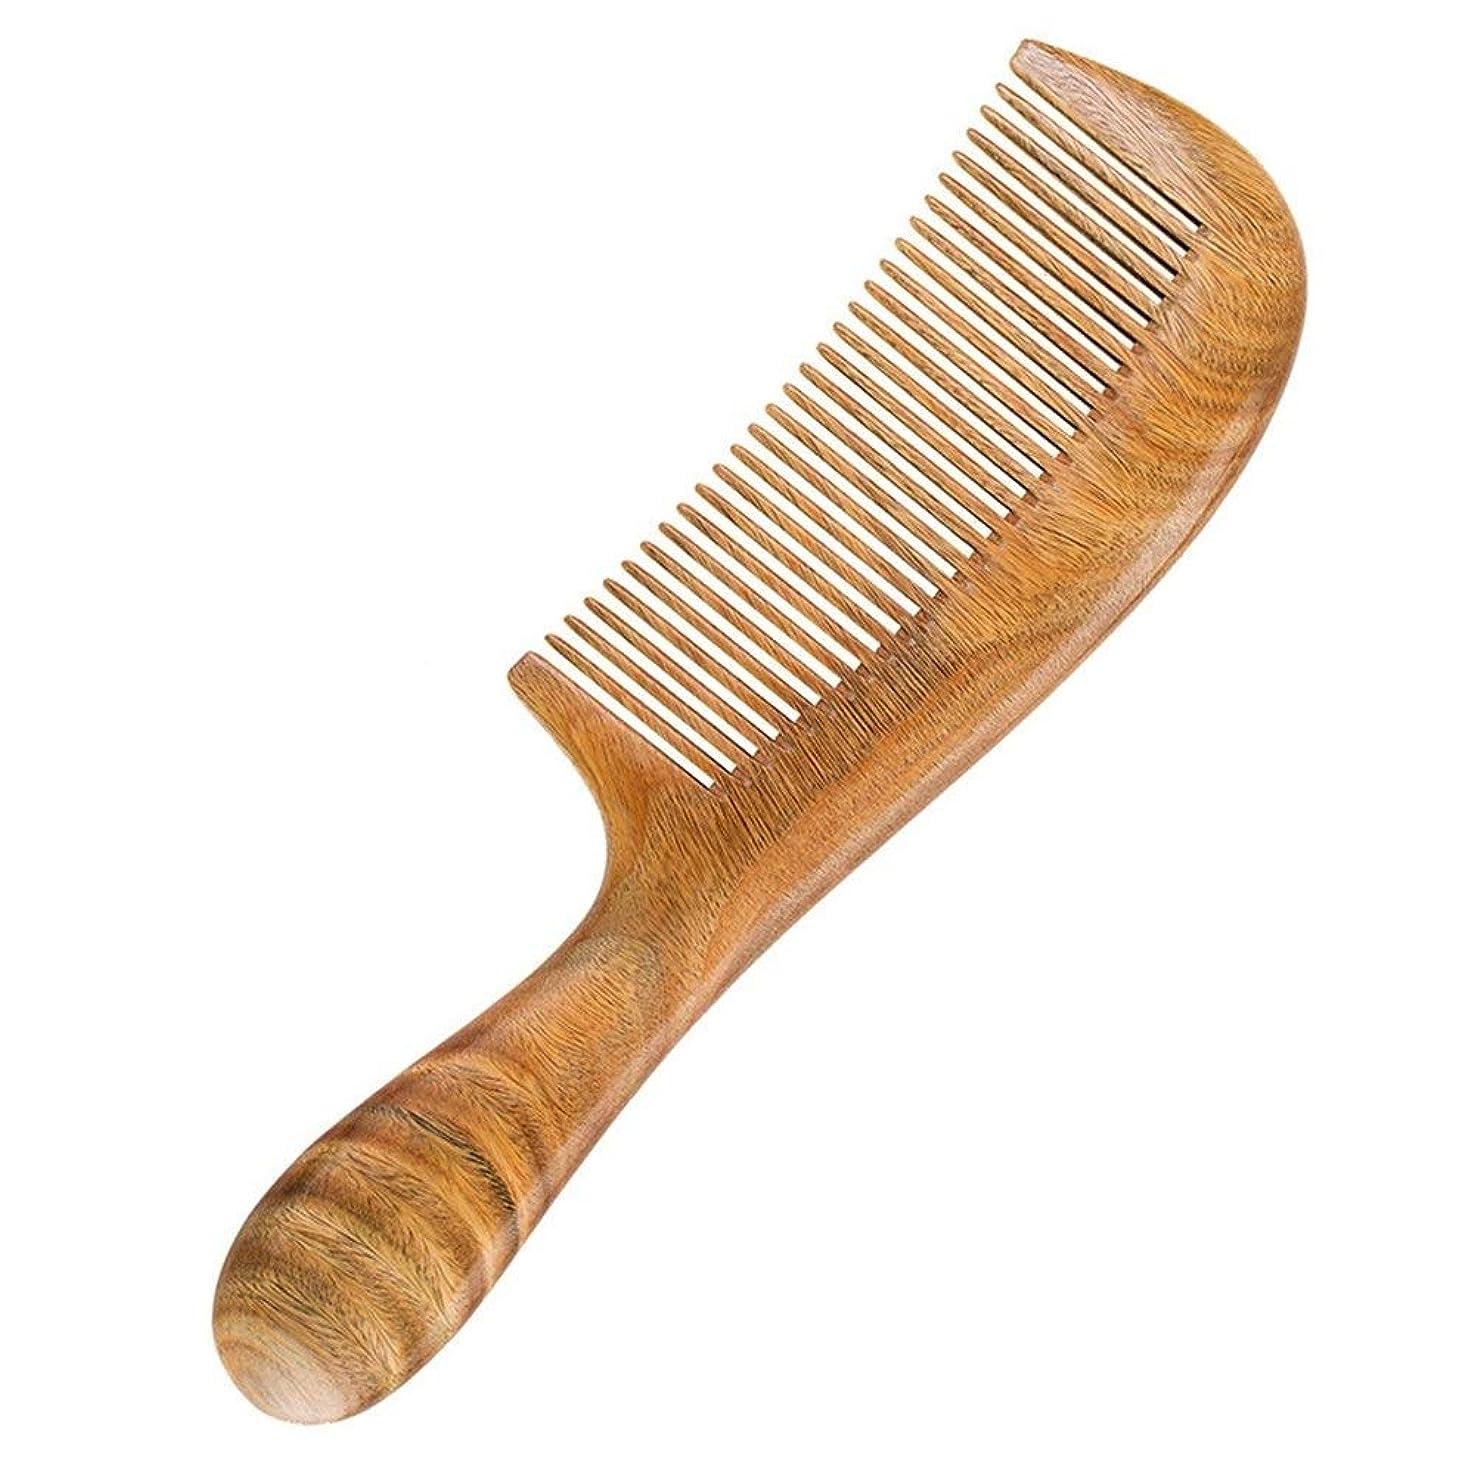 ピックバタフライ浅いGuomao ナチュラルグリーンビャクダンの櫛の滑らかな髪の櫛長く肥厚全体の木製の櫛ラウンドハンドル